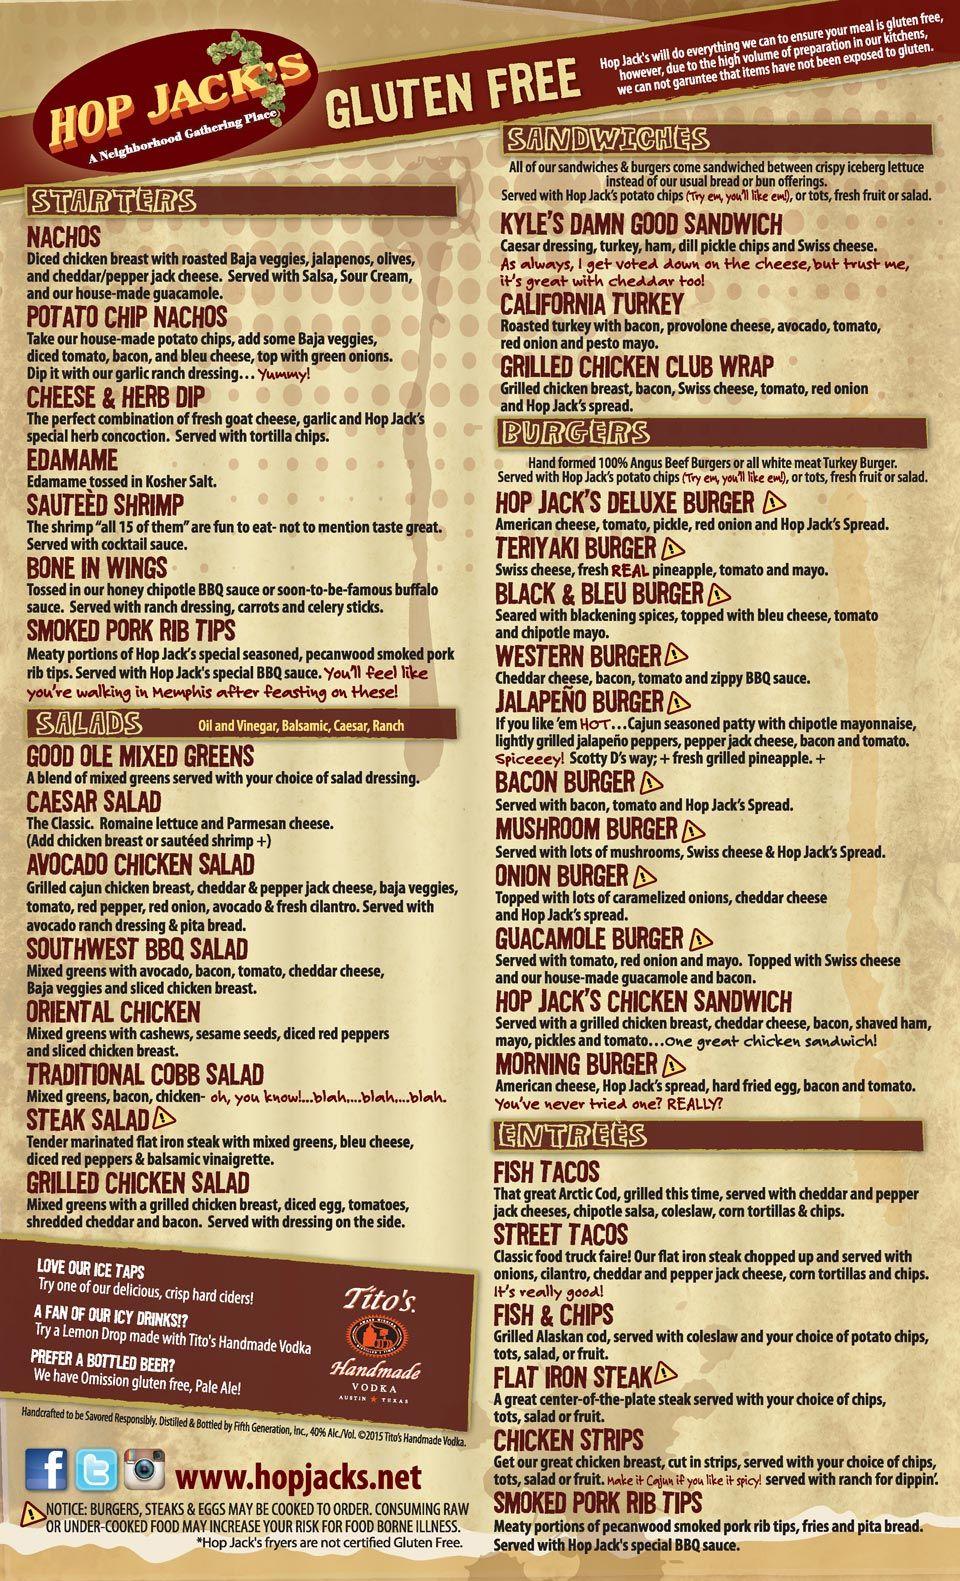 hop-jacks-gluten-free-menu | Gluten Free Restraunt | Pinterest ...